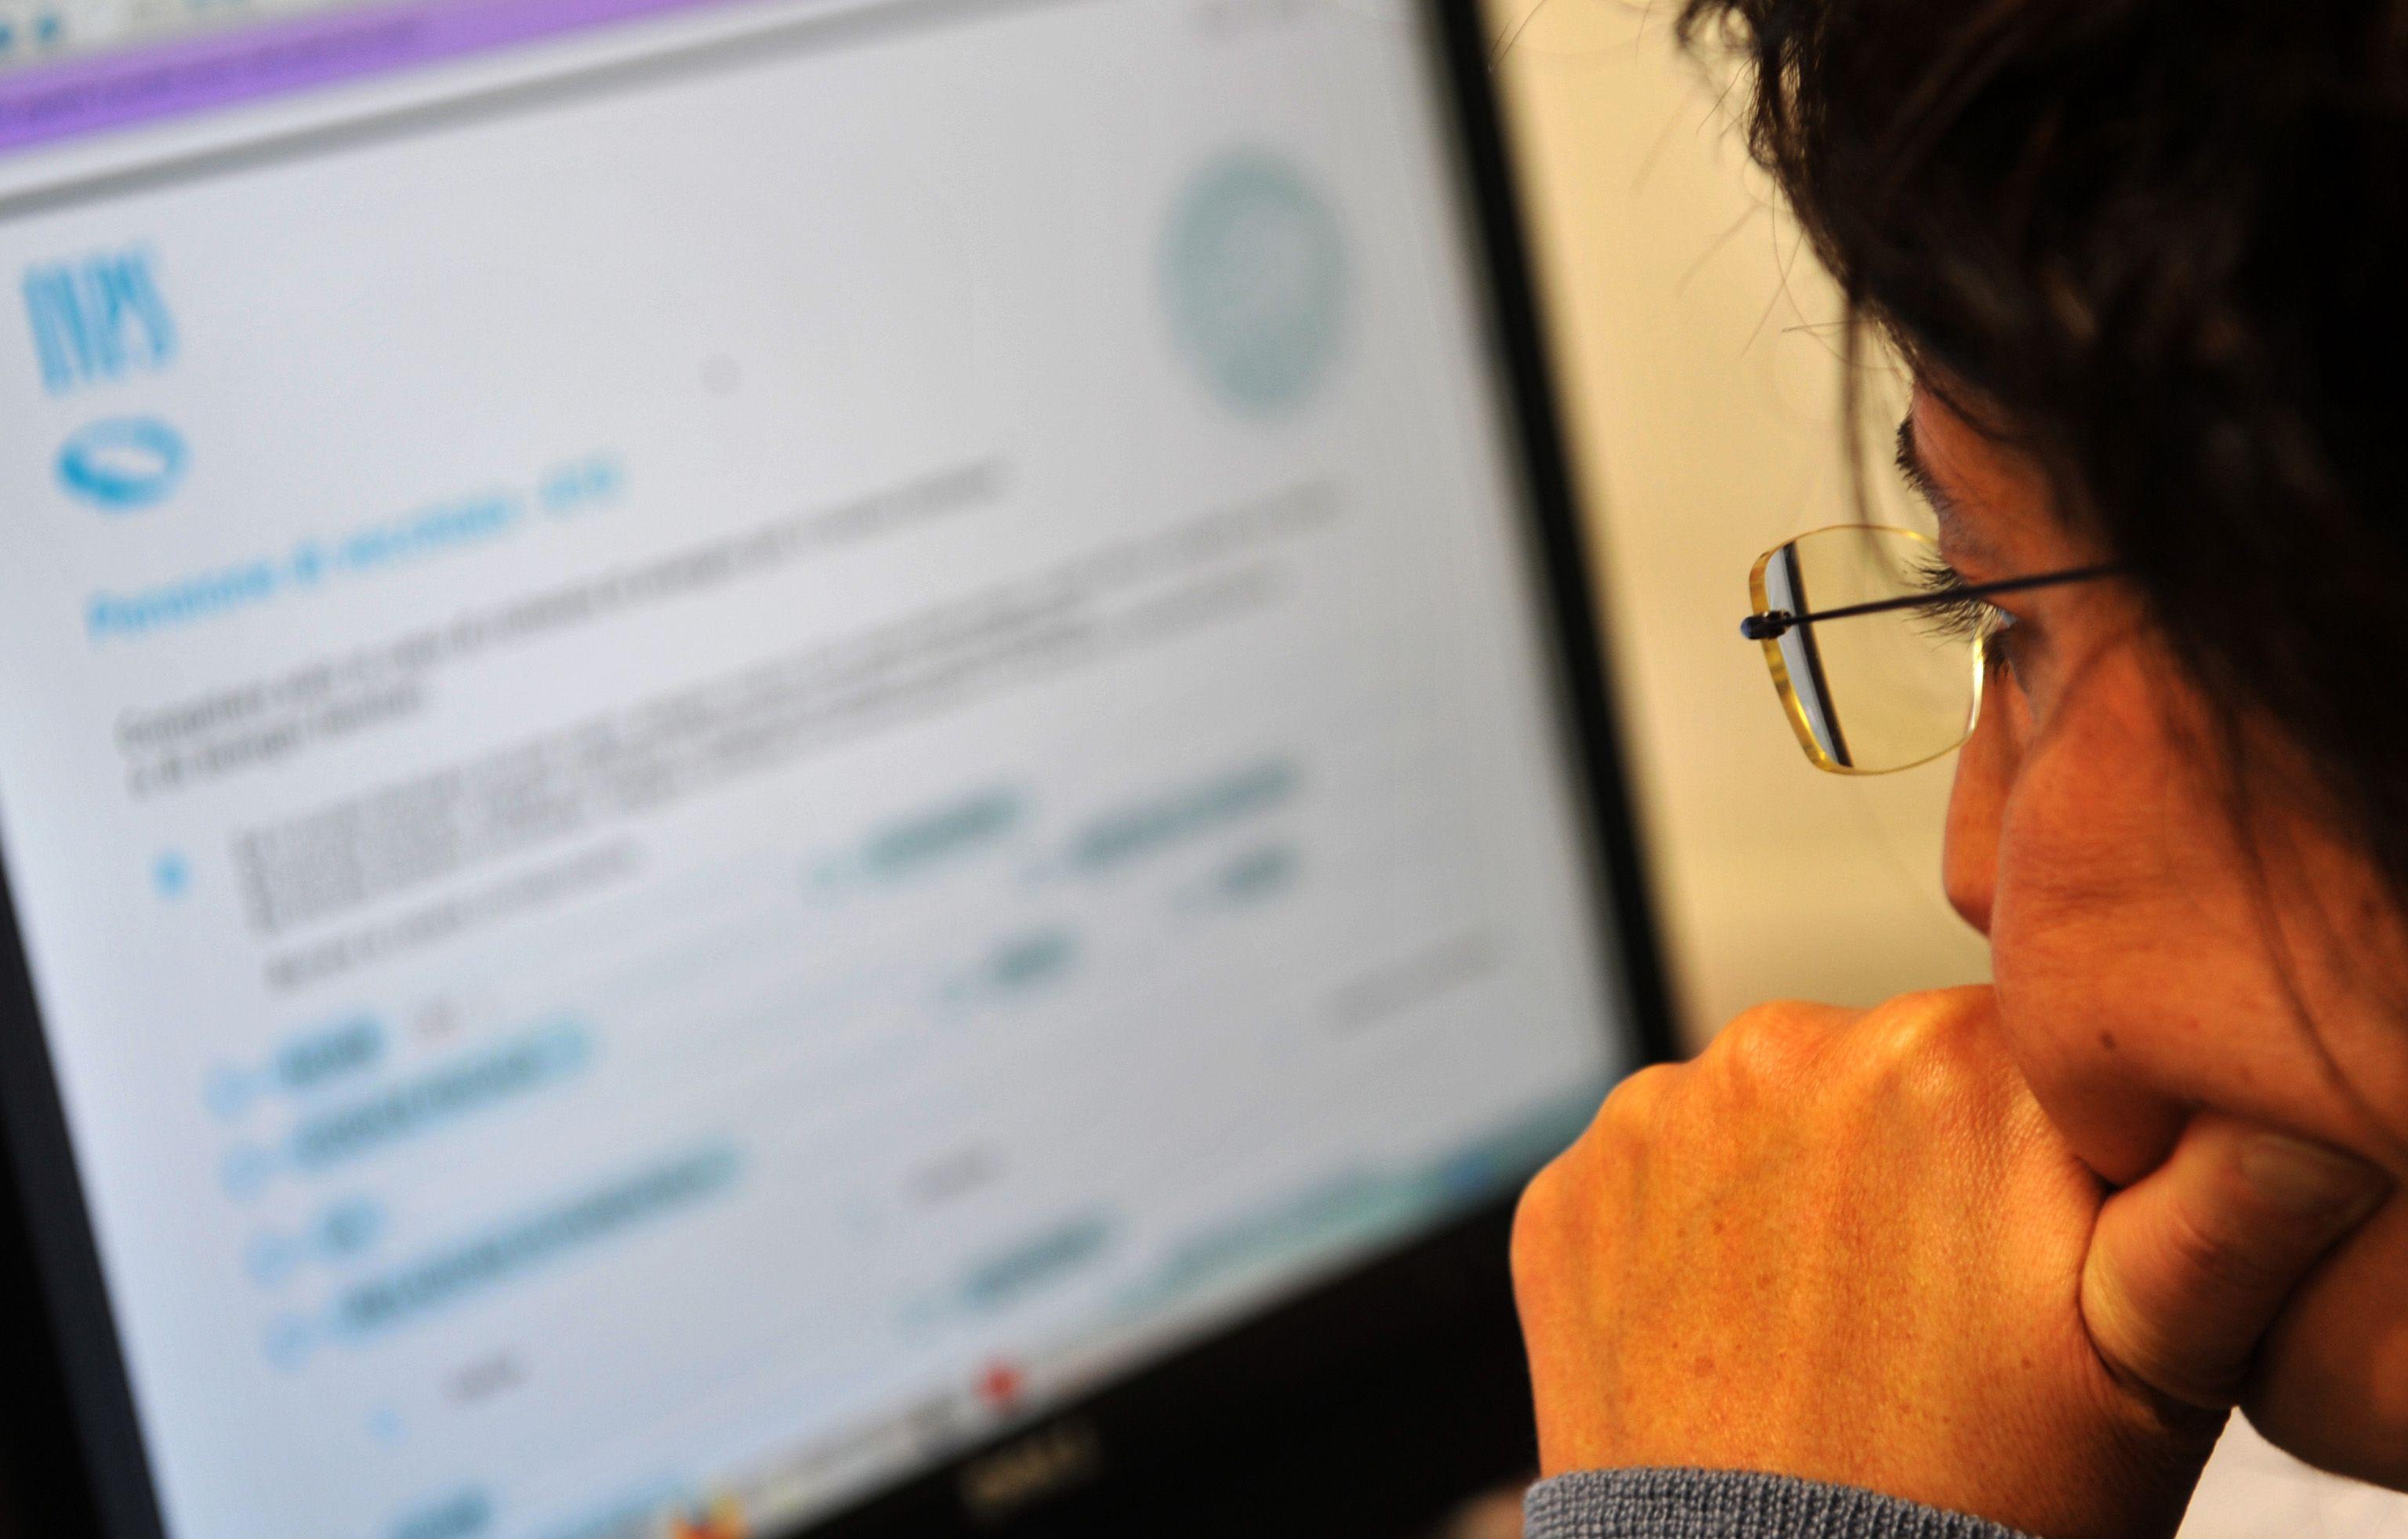 Ape Social: requisiti per fare domanda all'INPS per le pensioni anticipate, entro il 15 luglio